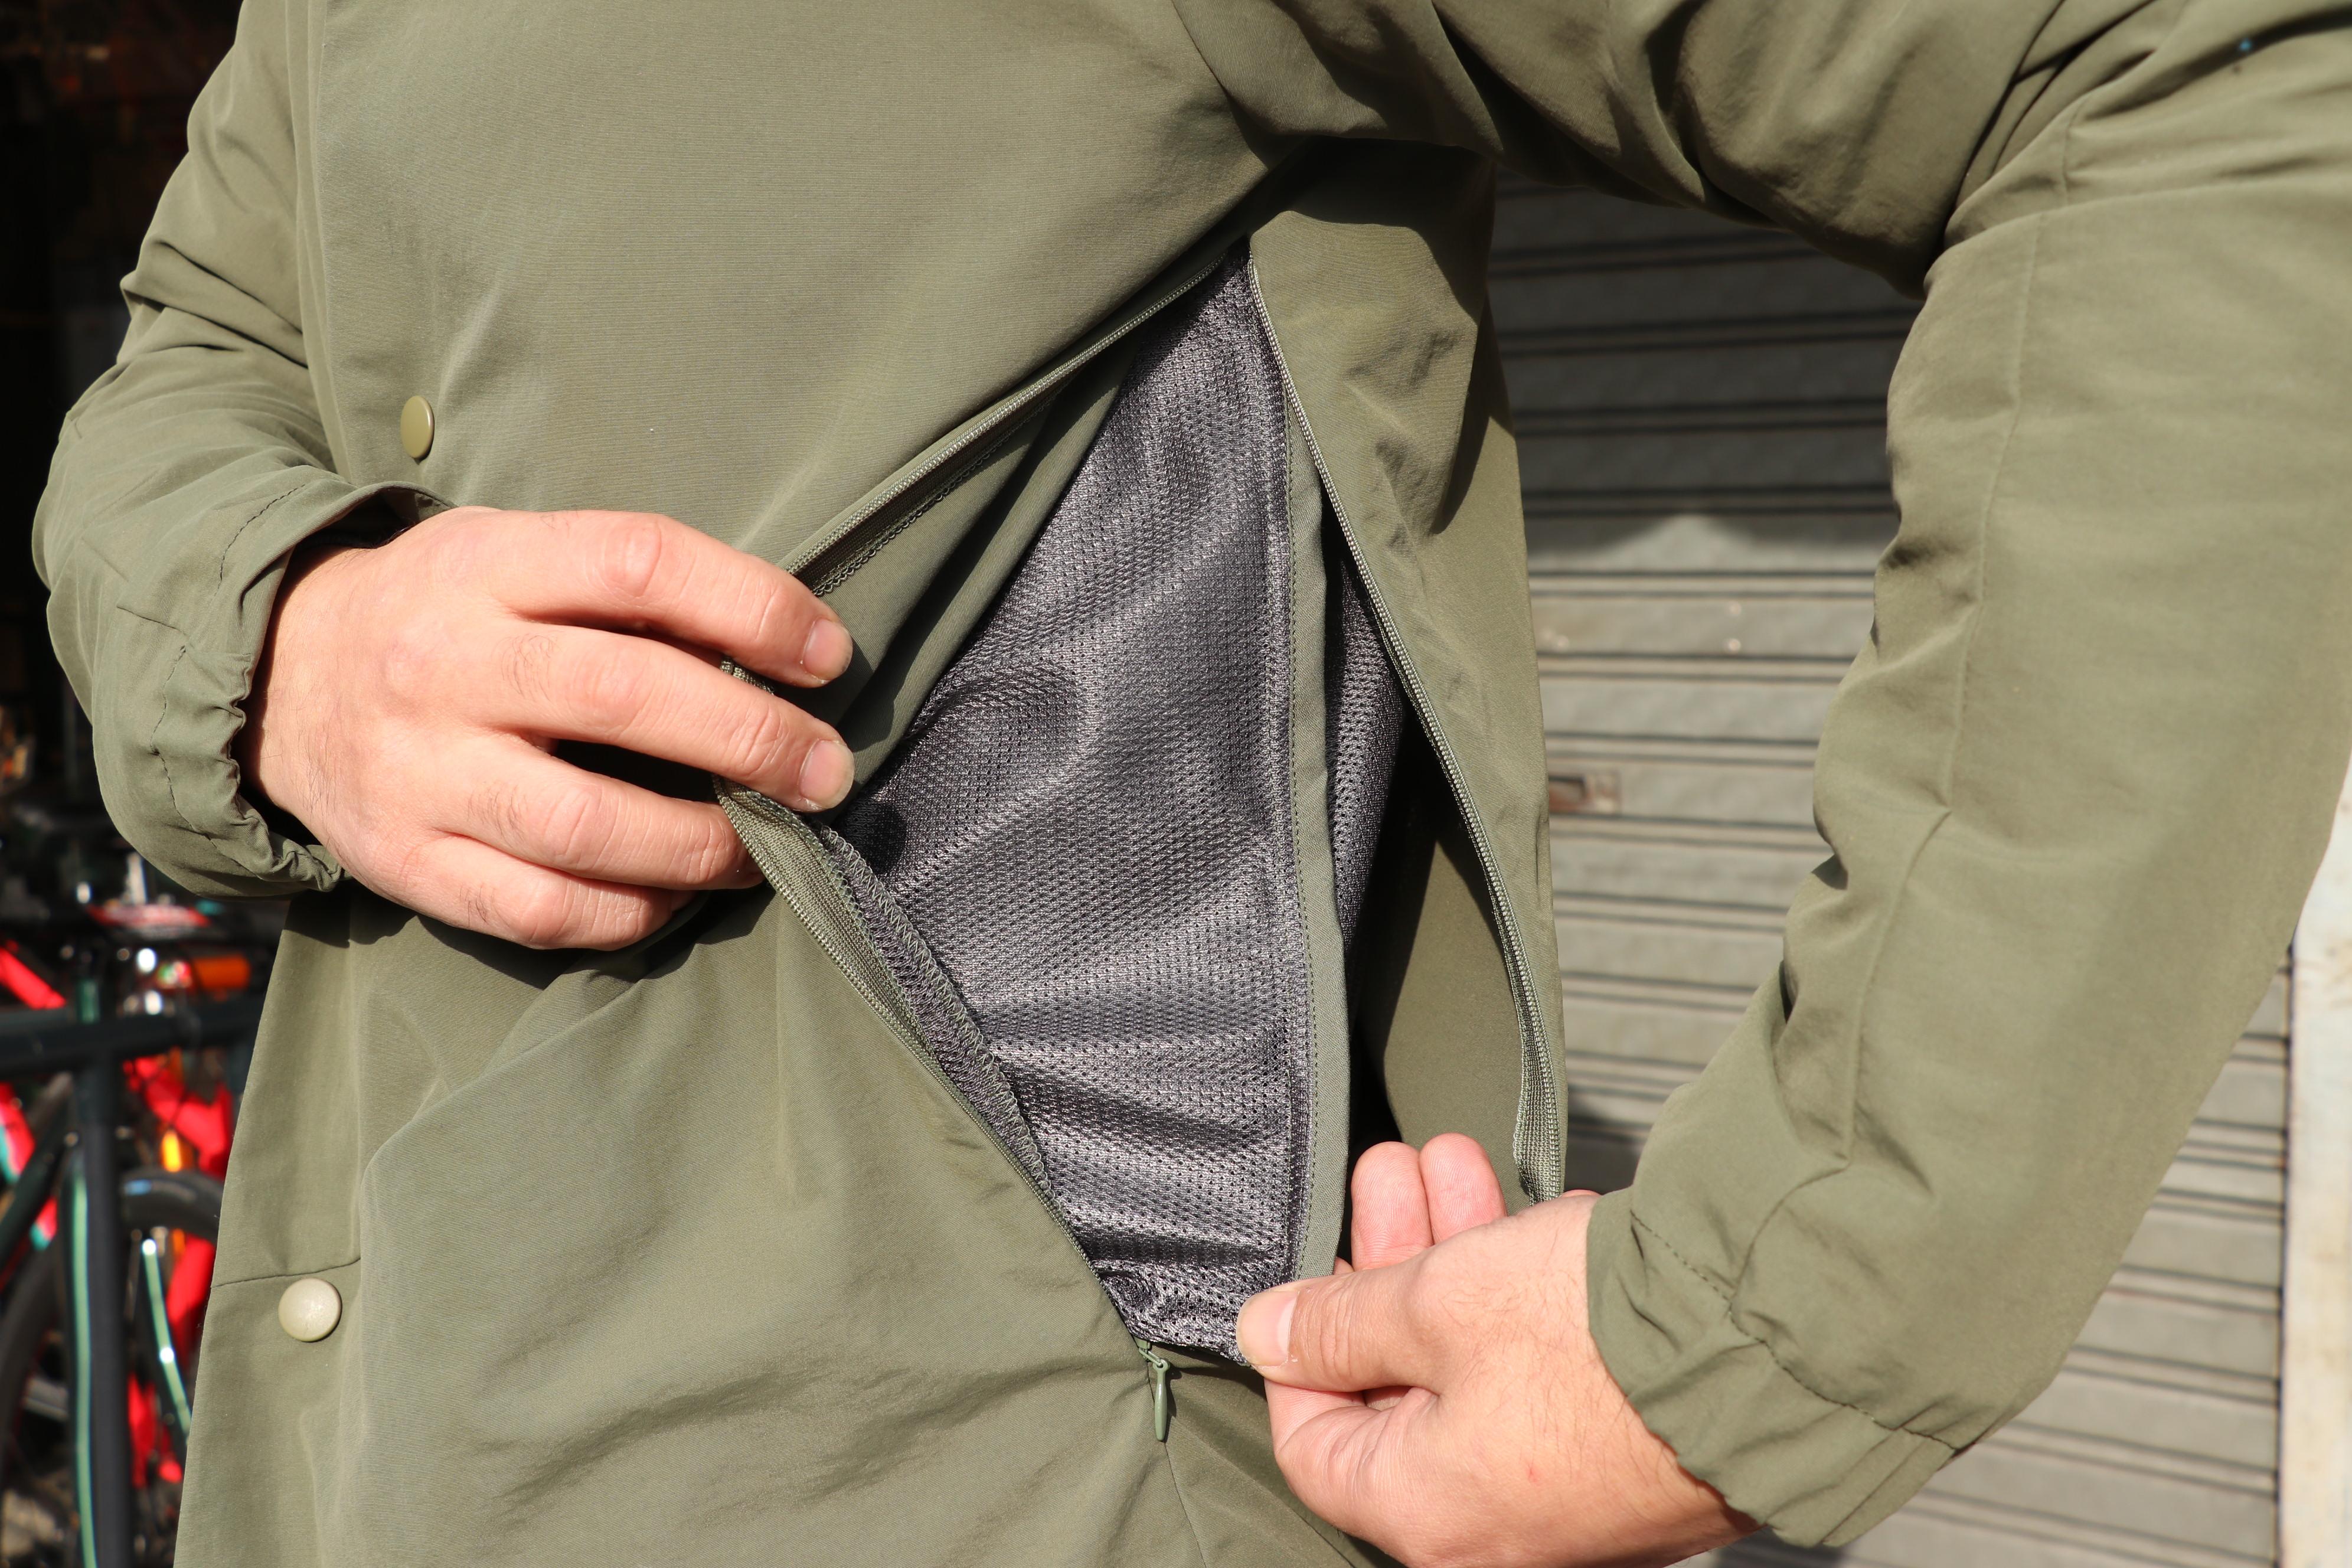 38231790baaf 本ジャケット。インナー部は総メッシュとなっており、また両脇のファスナーはウェア内部にたまった熱/蒸れを放出する通気機能「ベンチレーション」の役割も担っており  ...